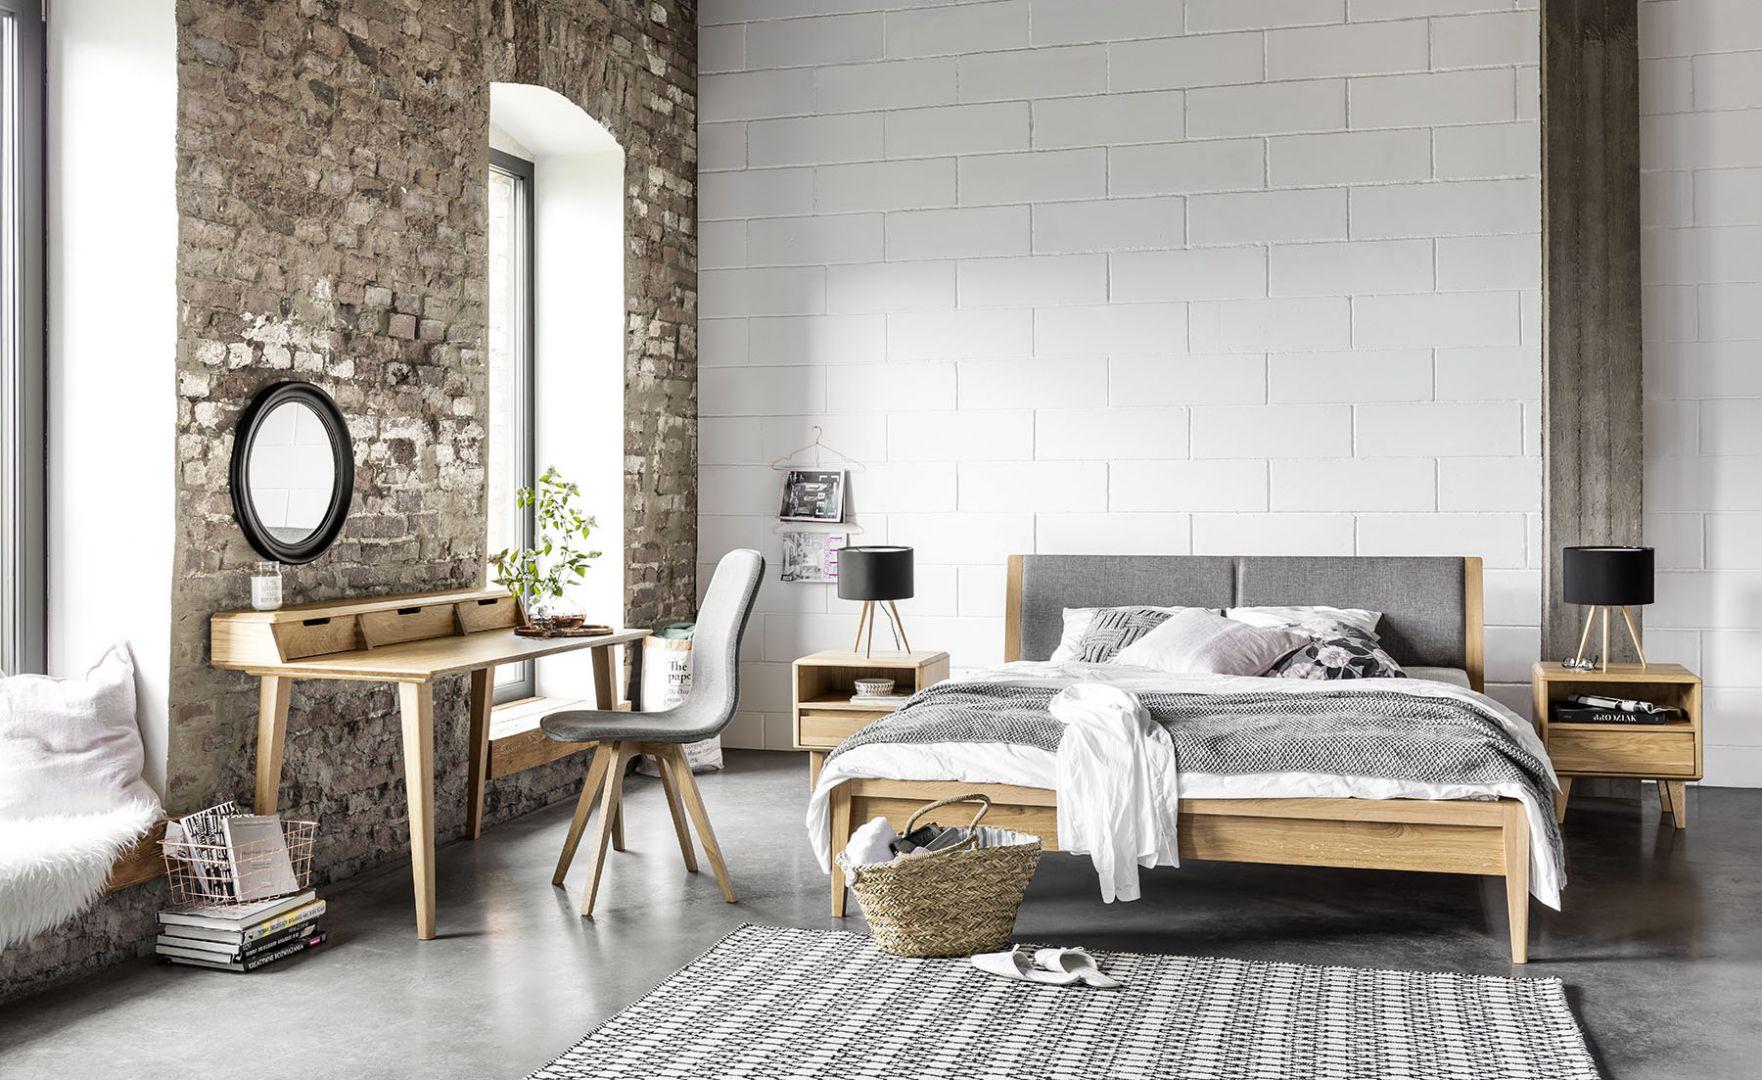 Kolekcja mebli do sypialni Lovell, drewno dębowe oraz tapicerowany zagłówek. Cena: od ok. 3100 zł (łóżko). Producent: Matkowski